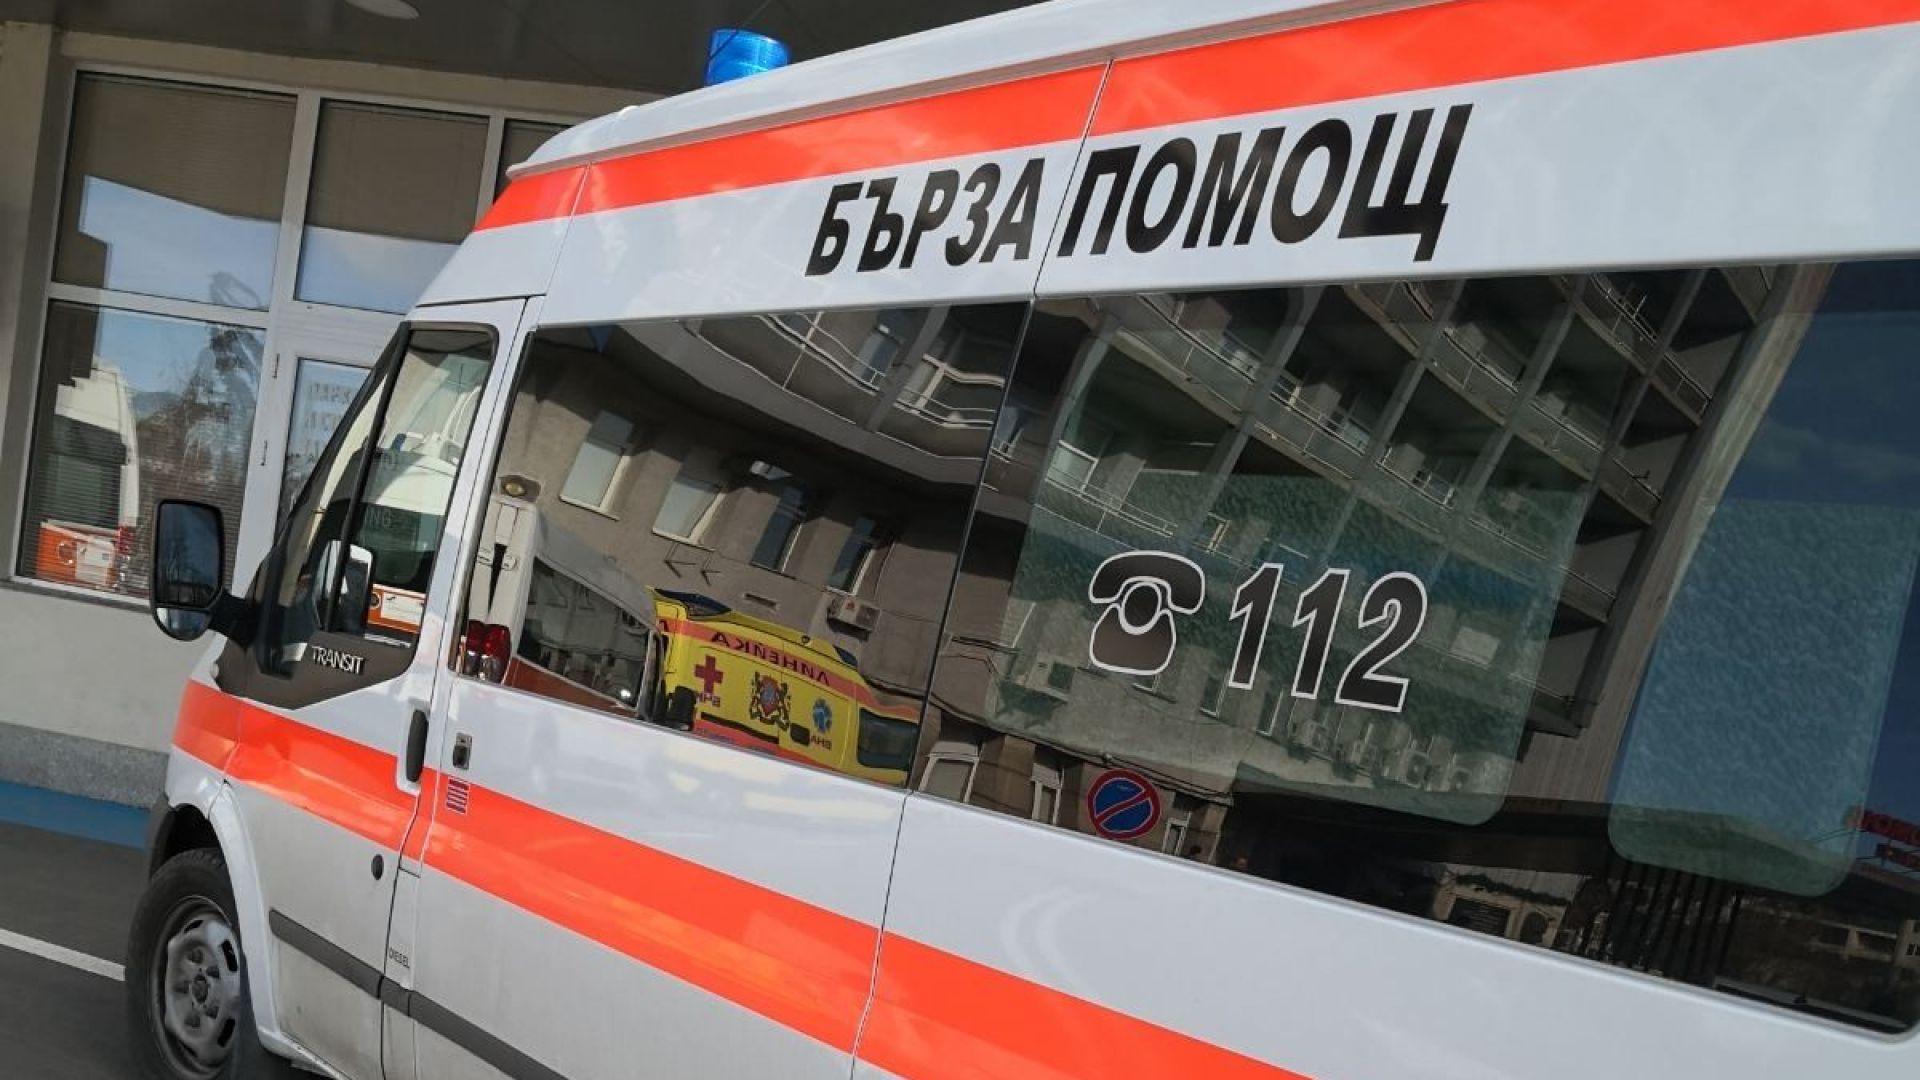 Линейки копърки превозват пациенти в едни и същи чаршафи, взимат до 750 лв. за курс